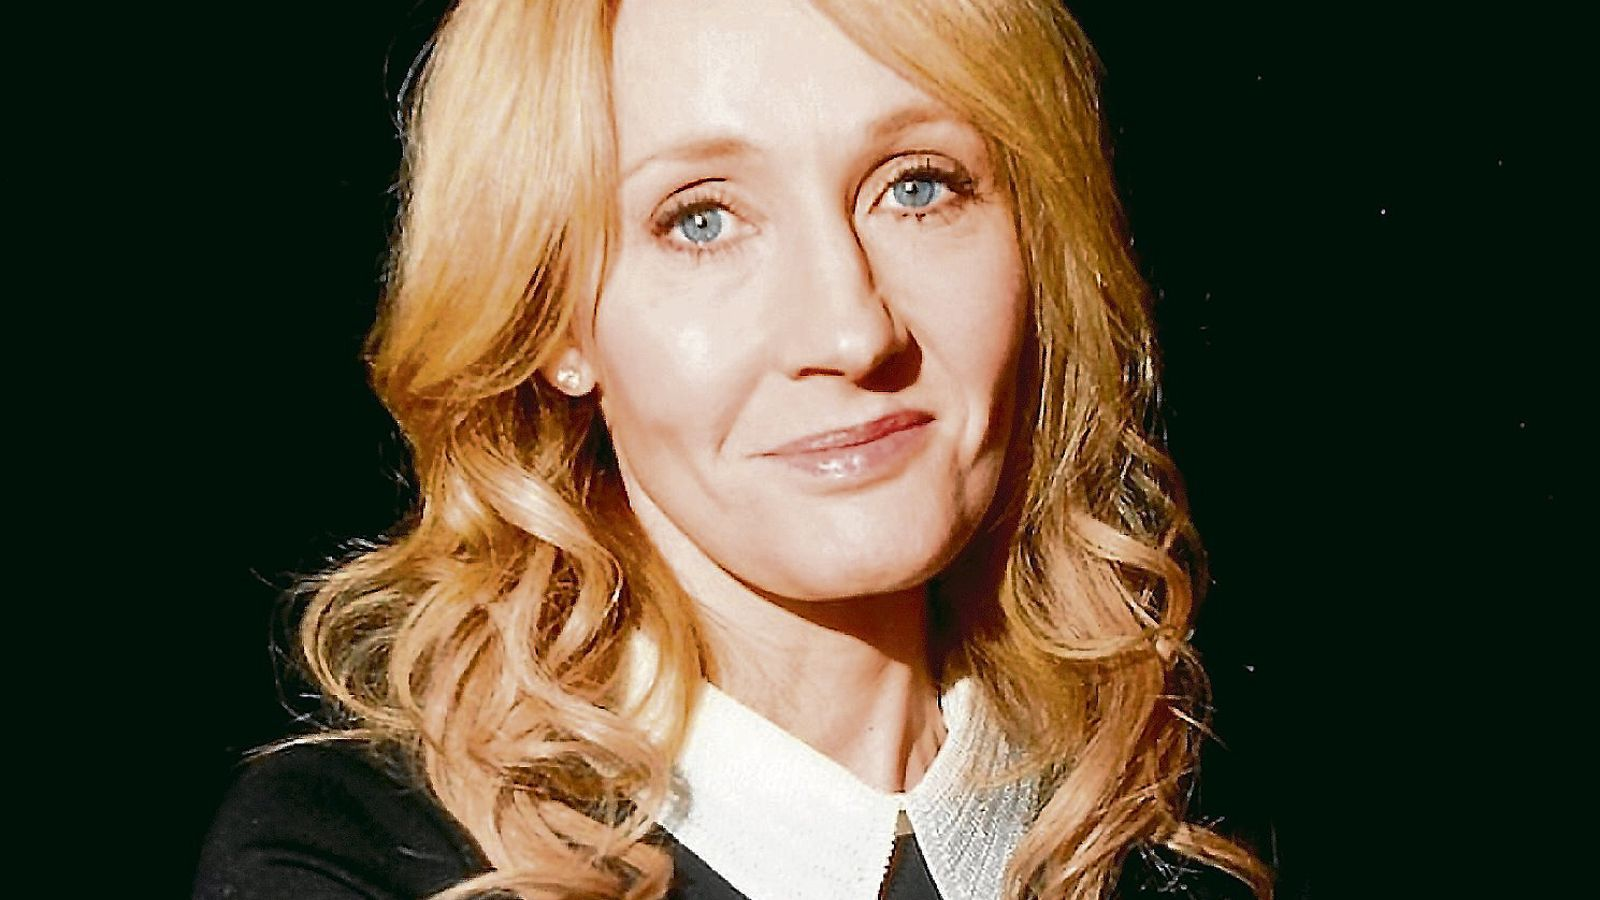 J.K. Rowling, una de les signants de la carta de Harper's, ha sigut objecte d'un linxament a les xarxes per missatges considerats transfòbics.